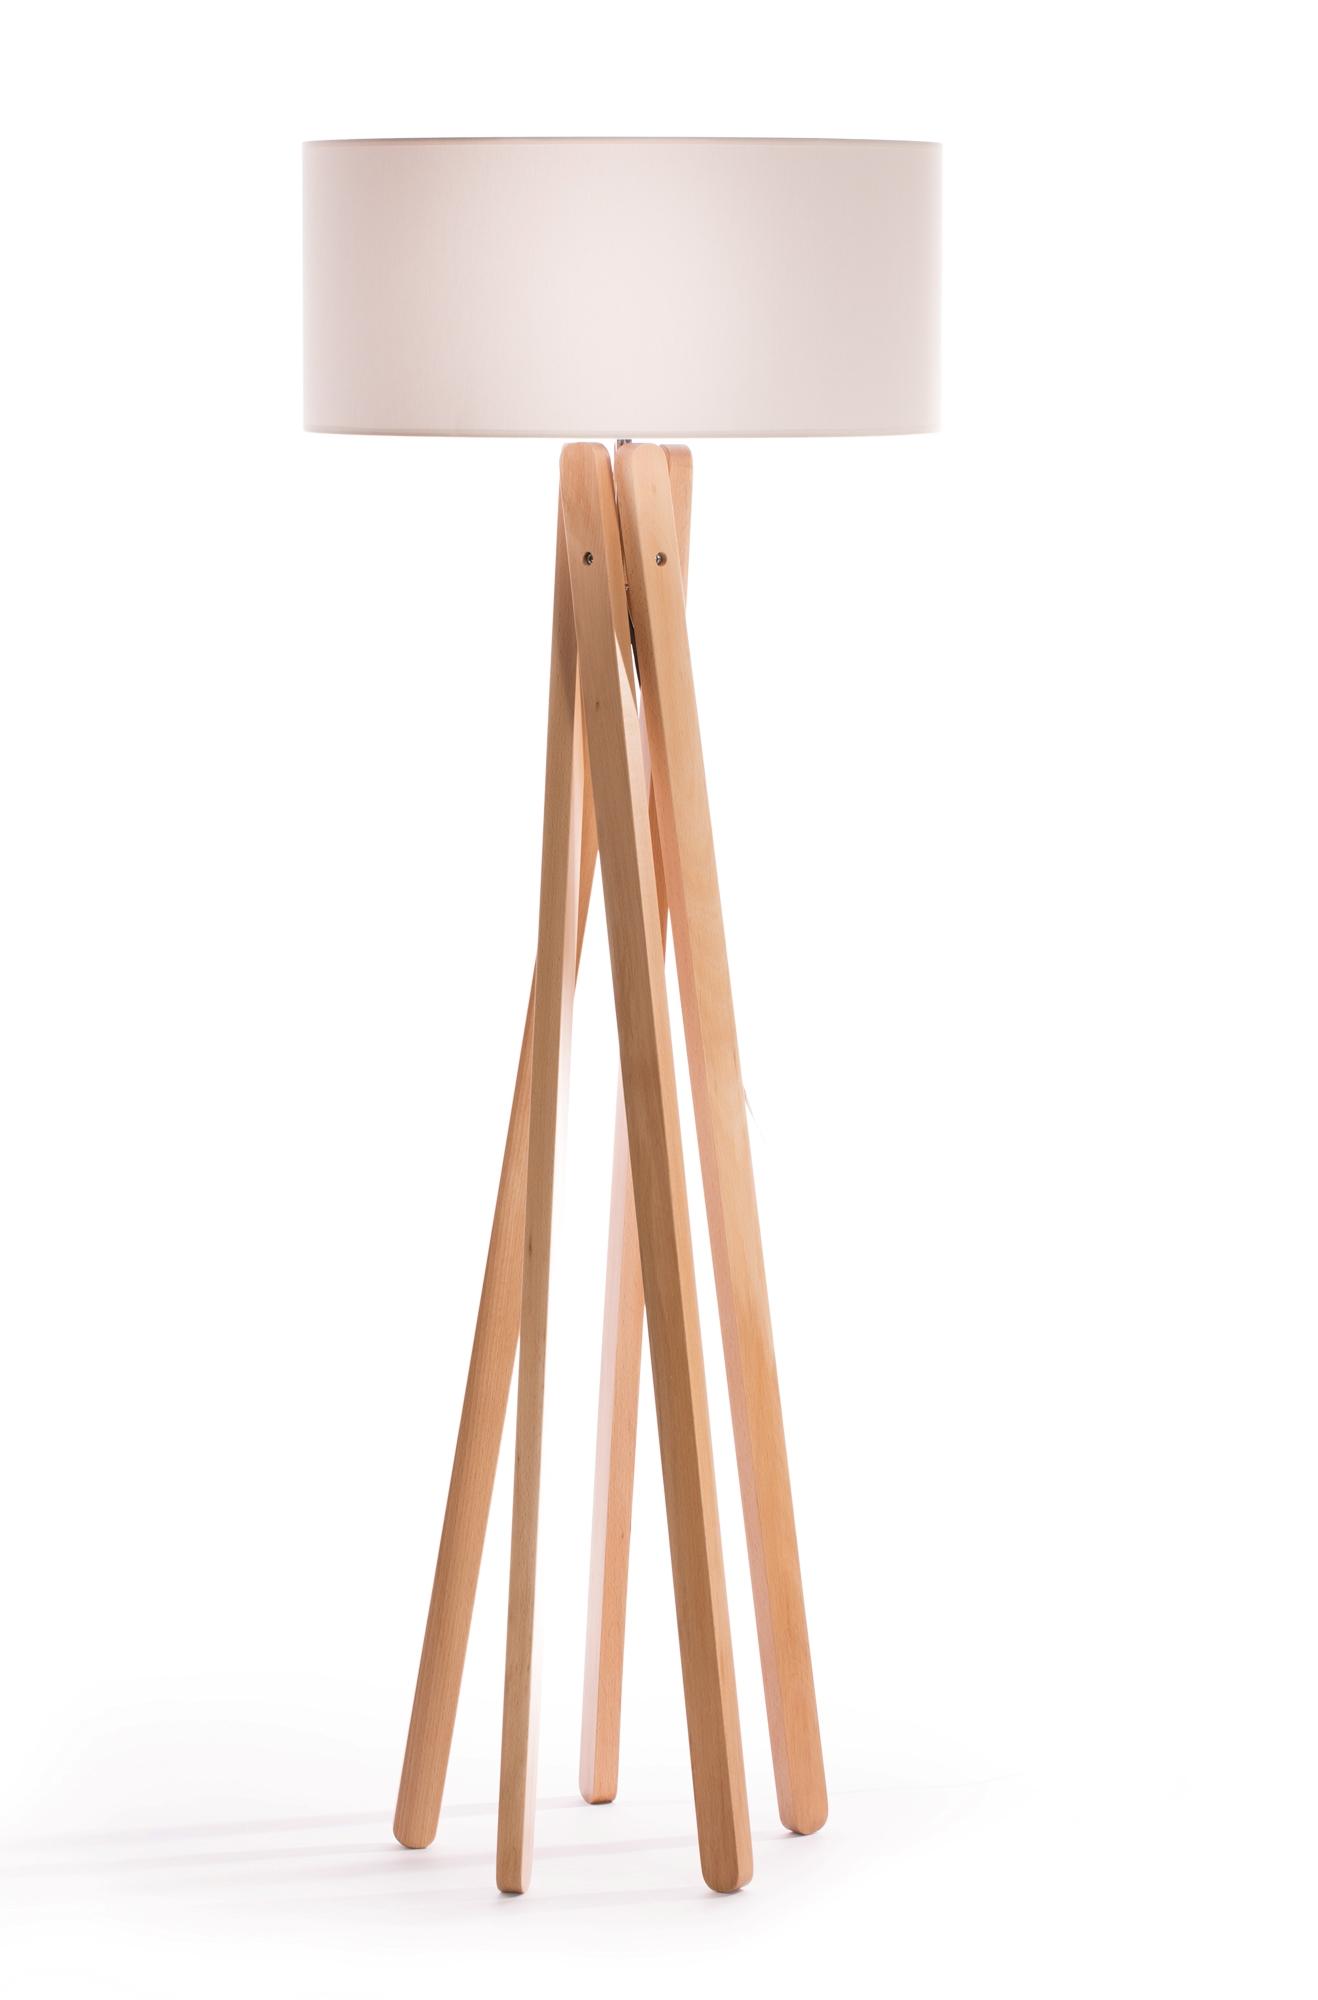 Full Size of Design Stehlampe Holz Hängeschrank Weiß Hochglanz Wohnzimmer Rollo Holztisch Garten Lampe Großes Bild Lampen Esstisch Deckenleuchten Schrankwand Wohnzimmer Wohnzimmer Lampe Holz